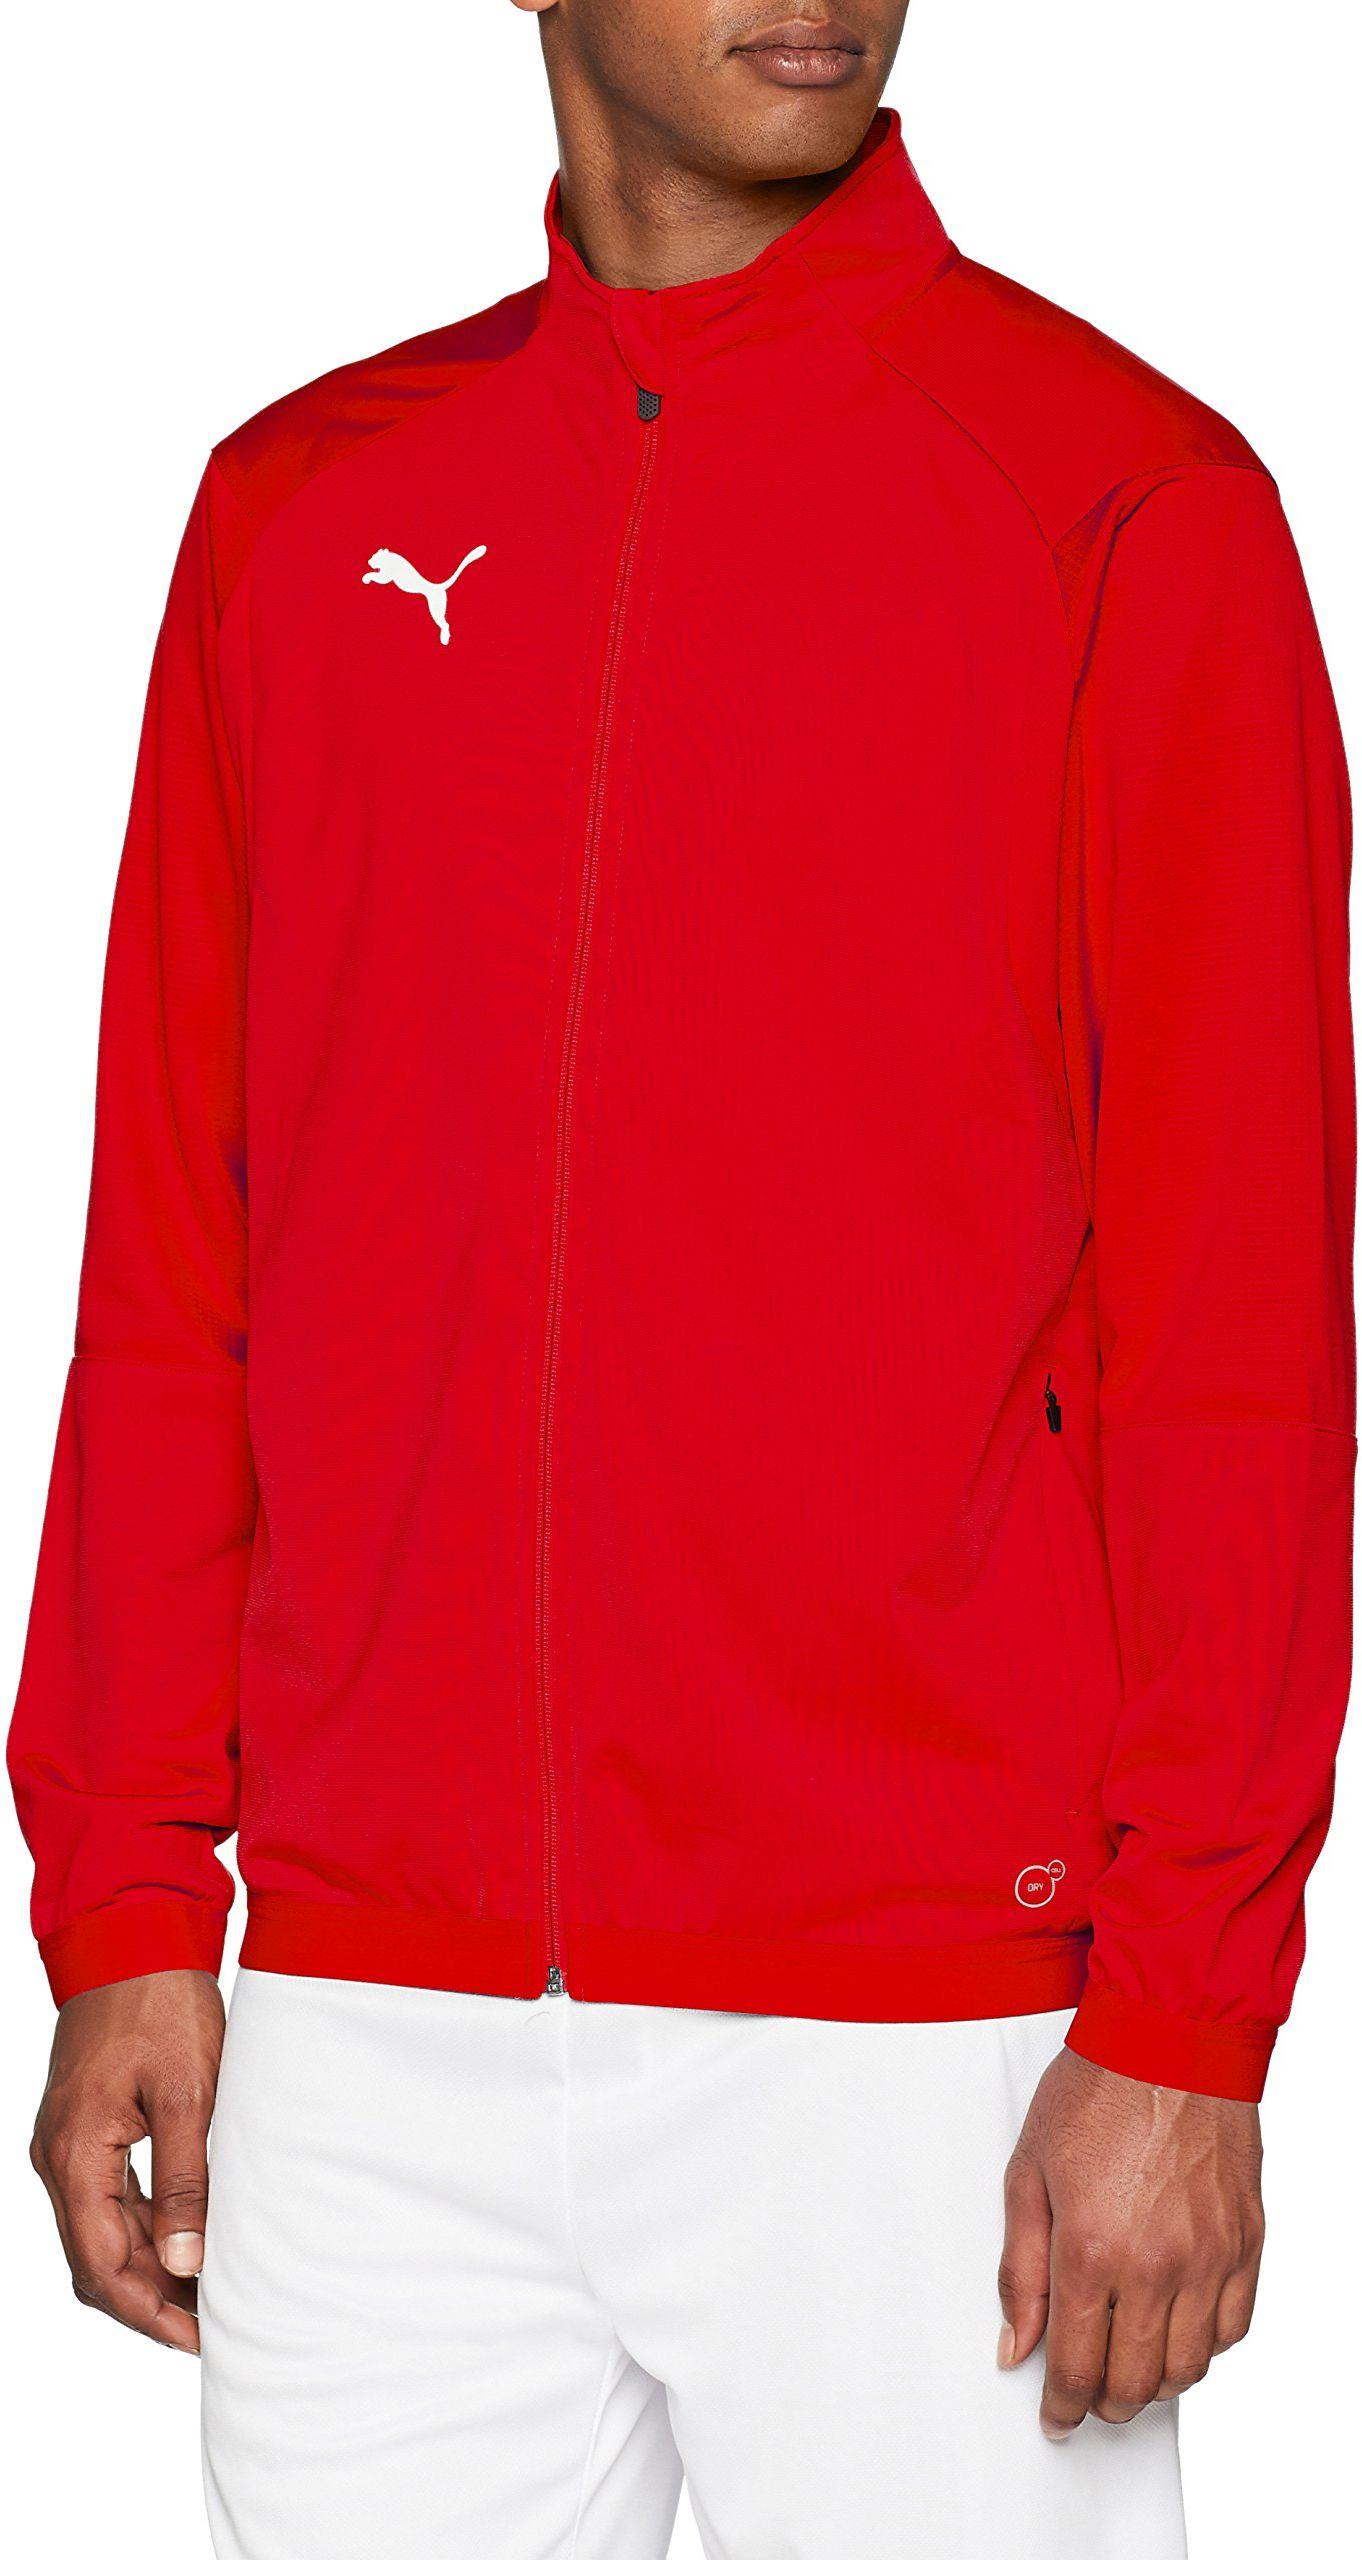 PUMA Męska kurtka treningowa Liga czerwony Puma Red-Puma White XL